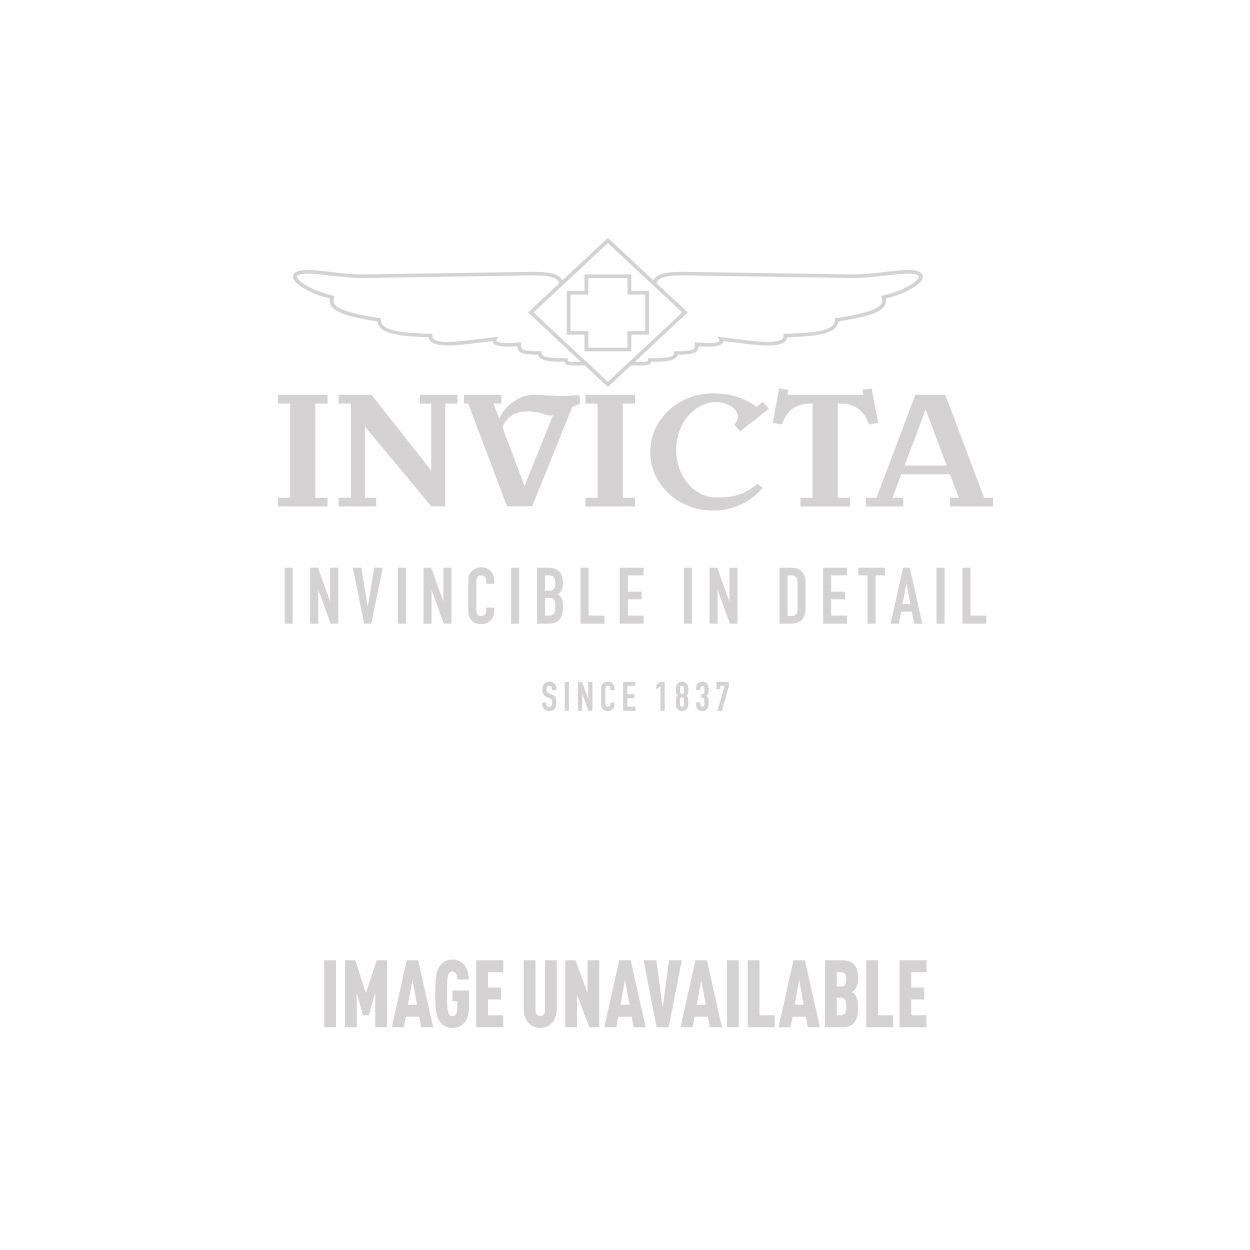 Invicta Model 28327